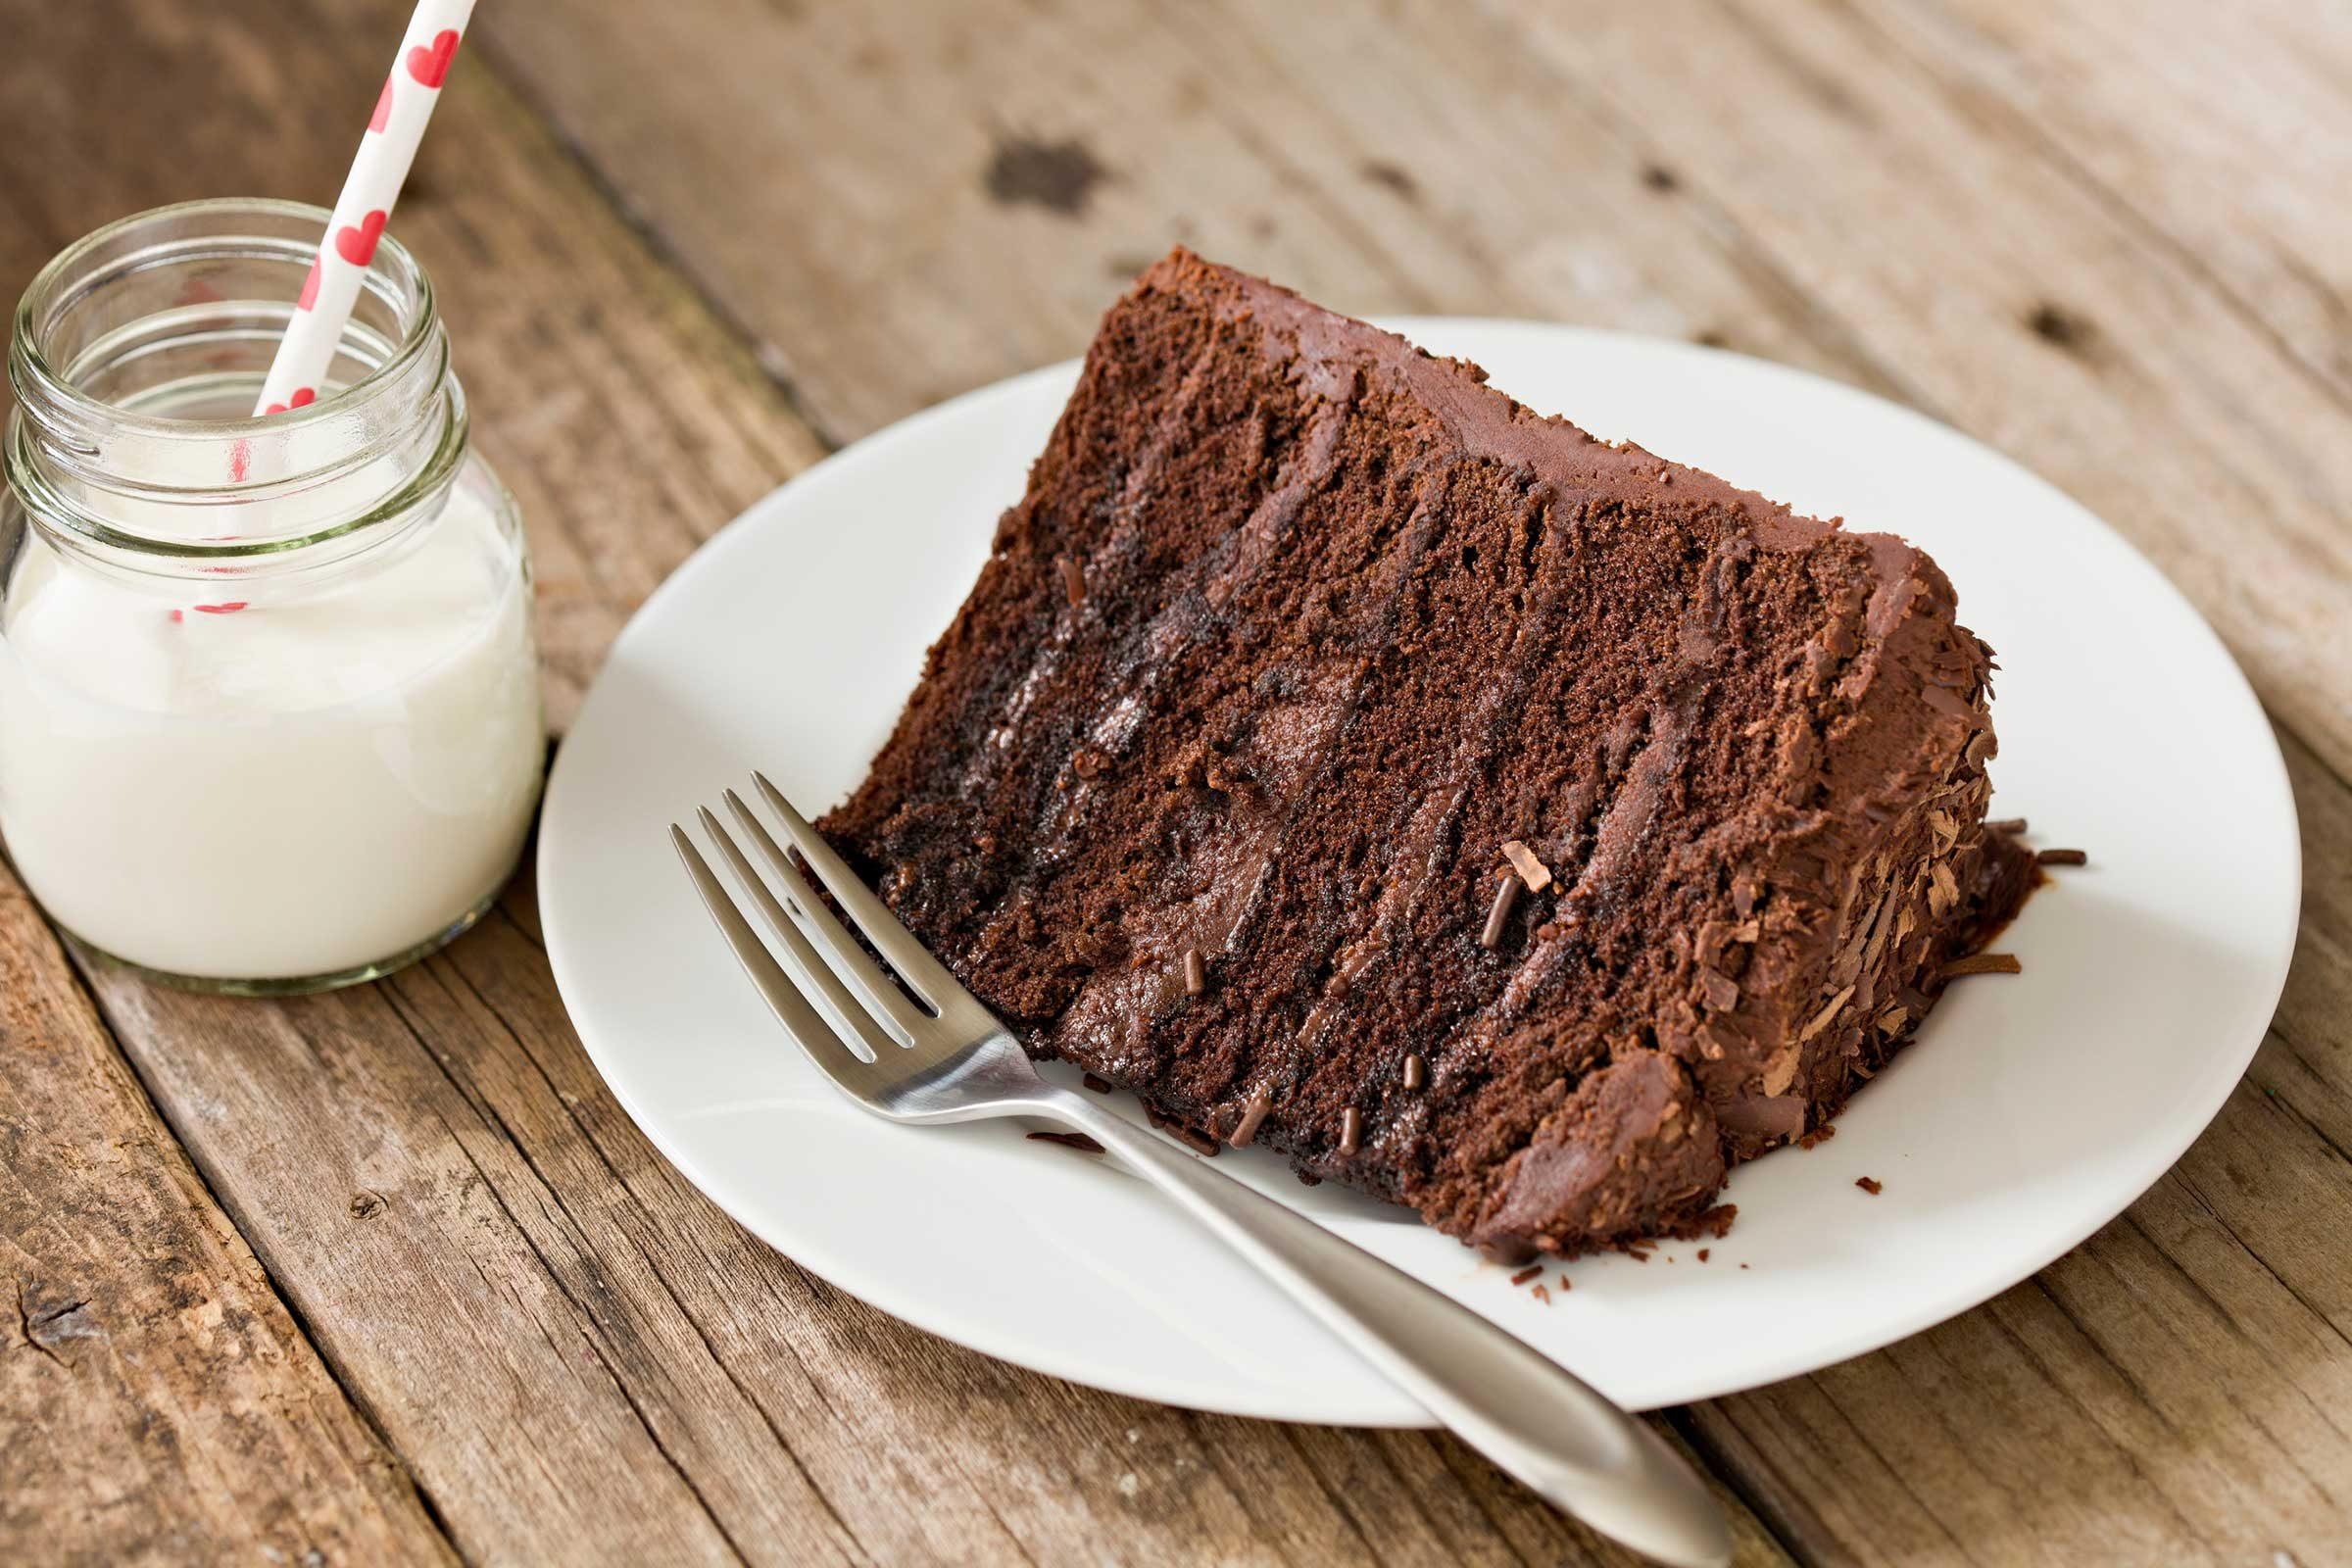 Reasons You Should Eat Dessert | Reader's Digest